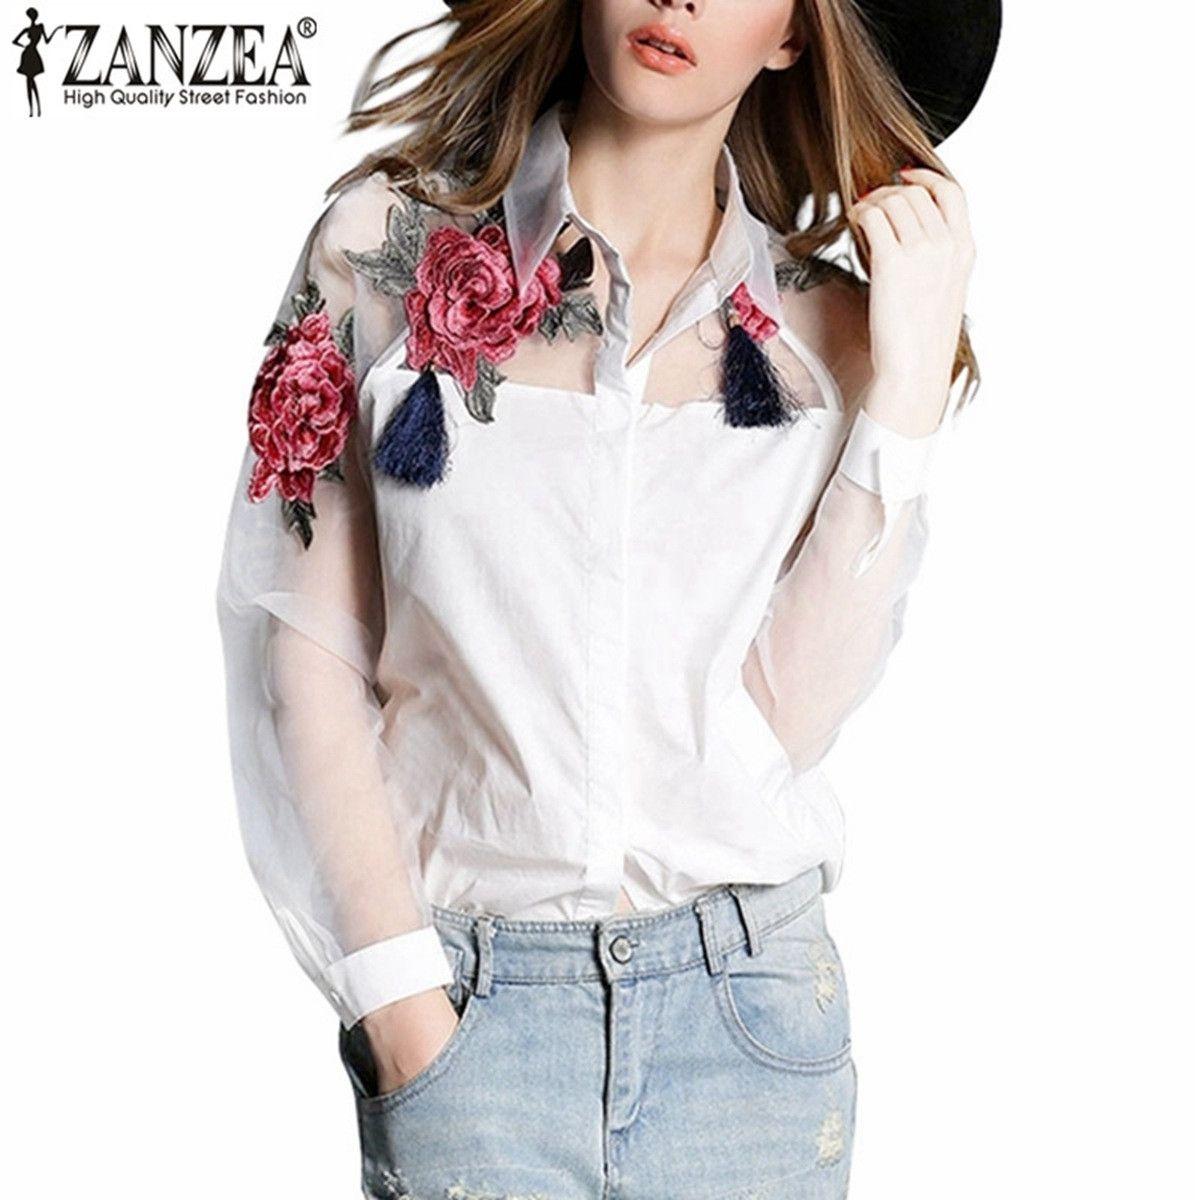 Heißer Verkauf 2018 Zanzea Mode Frauen Elegante Blumenstickerei Organza Blusas Feminina Beiläufige Netz Bluse Tops Plus Größe